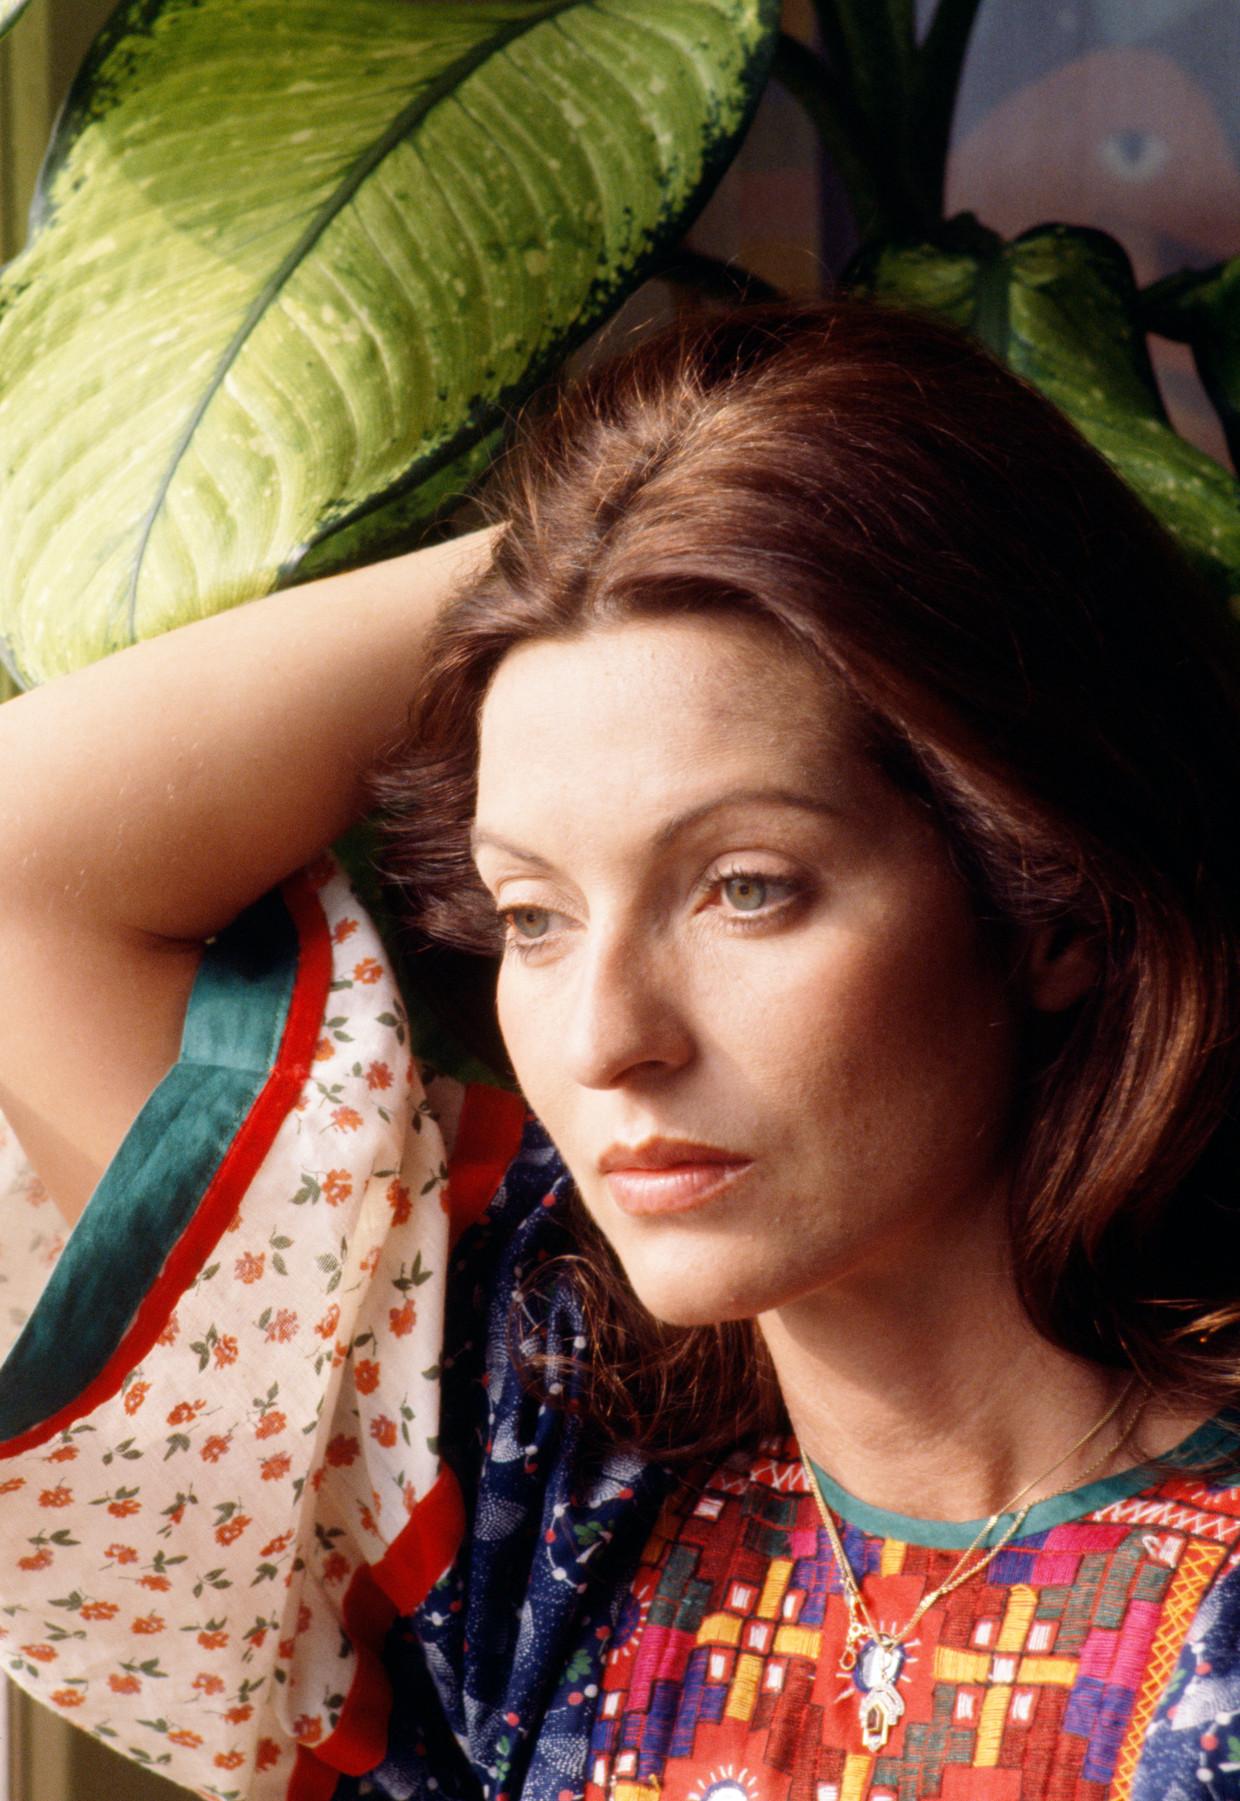 'Ze was altijd strijdvaardig. Ik geloof nooit dat ze zelfmoord zou hebben gepleegd.' Beeld Sygma via Getty Images